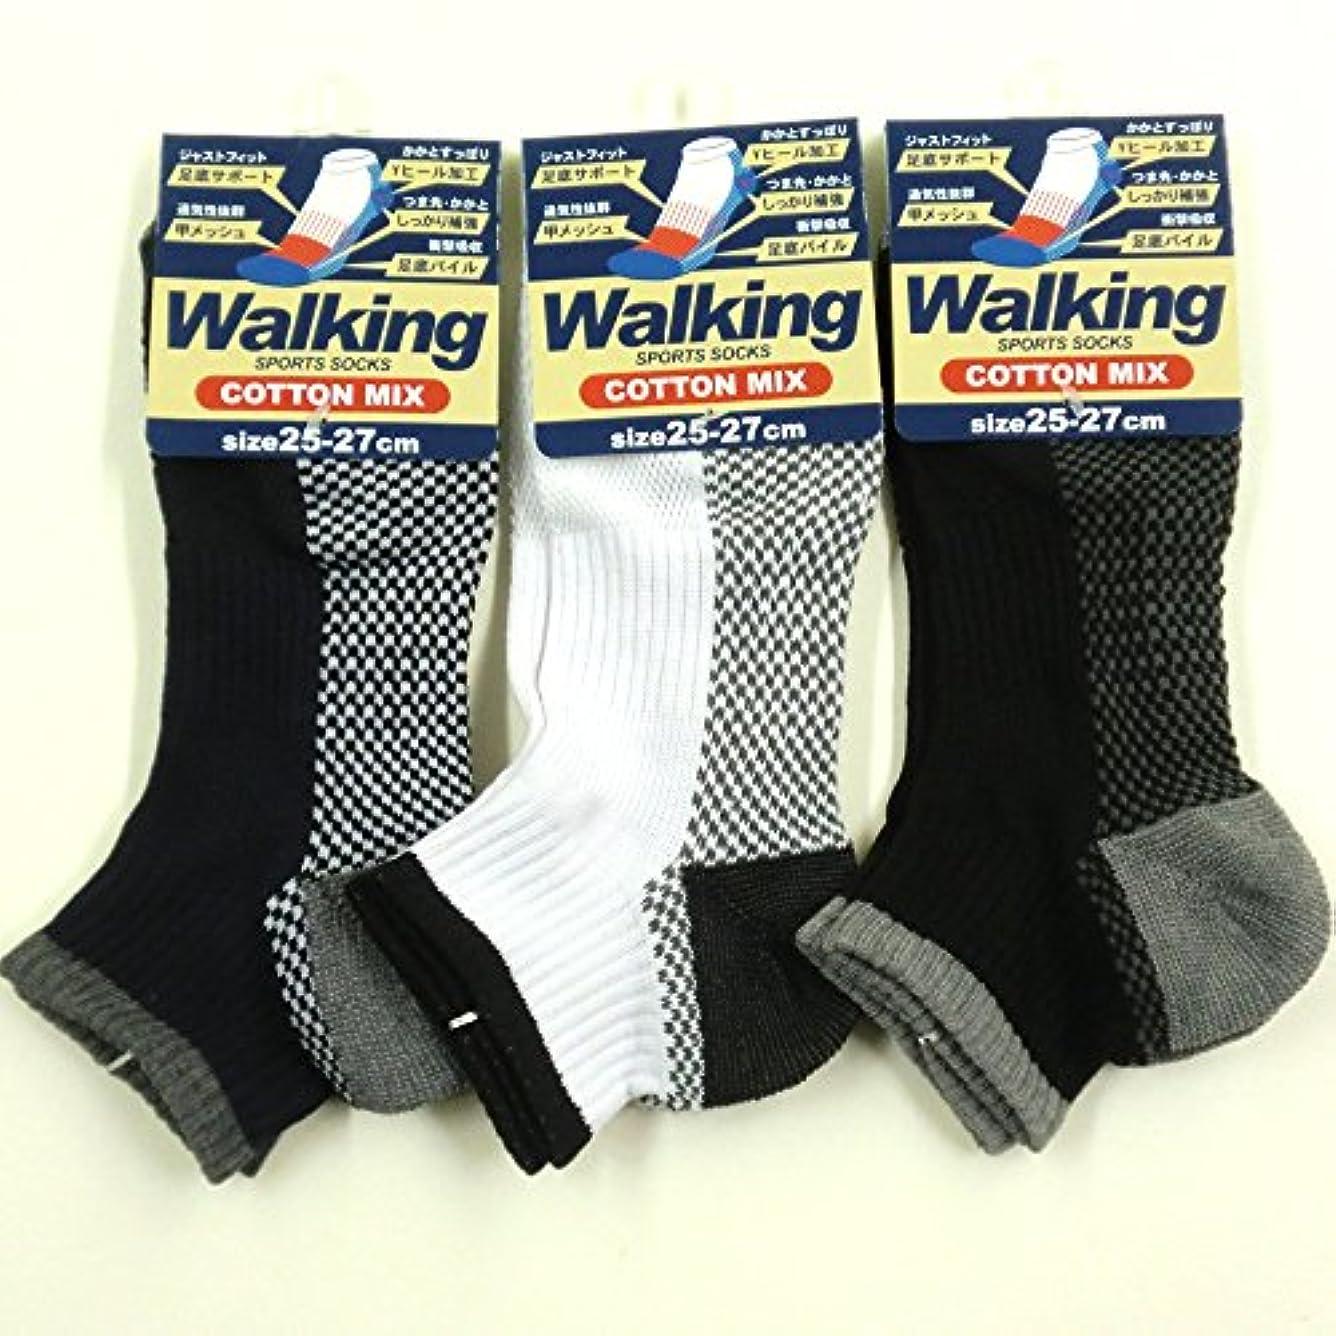 メンタルシャトルおばあさんスニーカー ソックス メンズ ウォーキング 靴下 綿混 足底パイル 25-27cm 3足セット